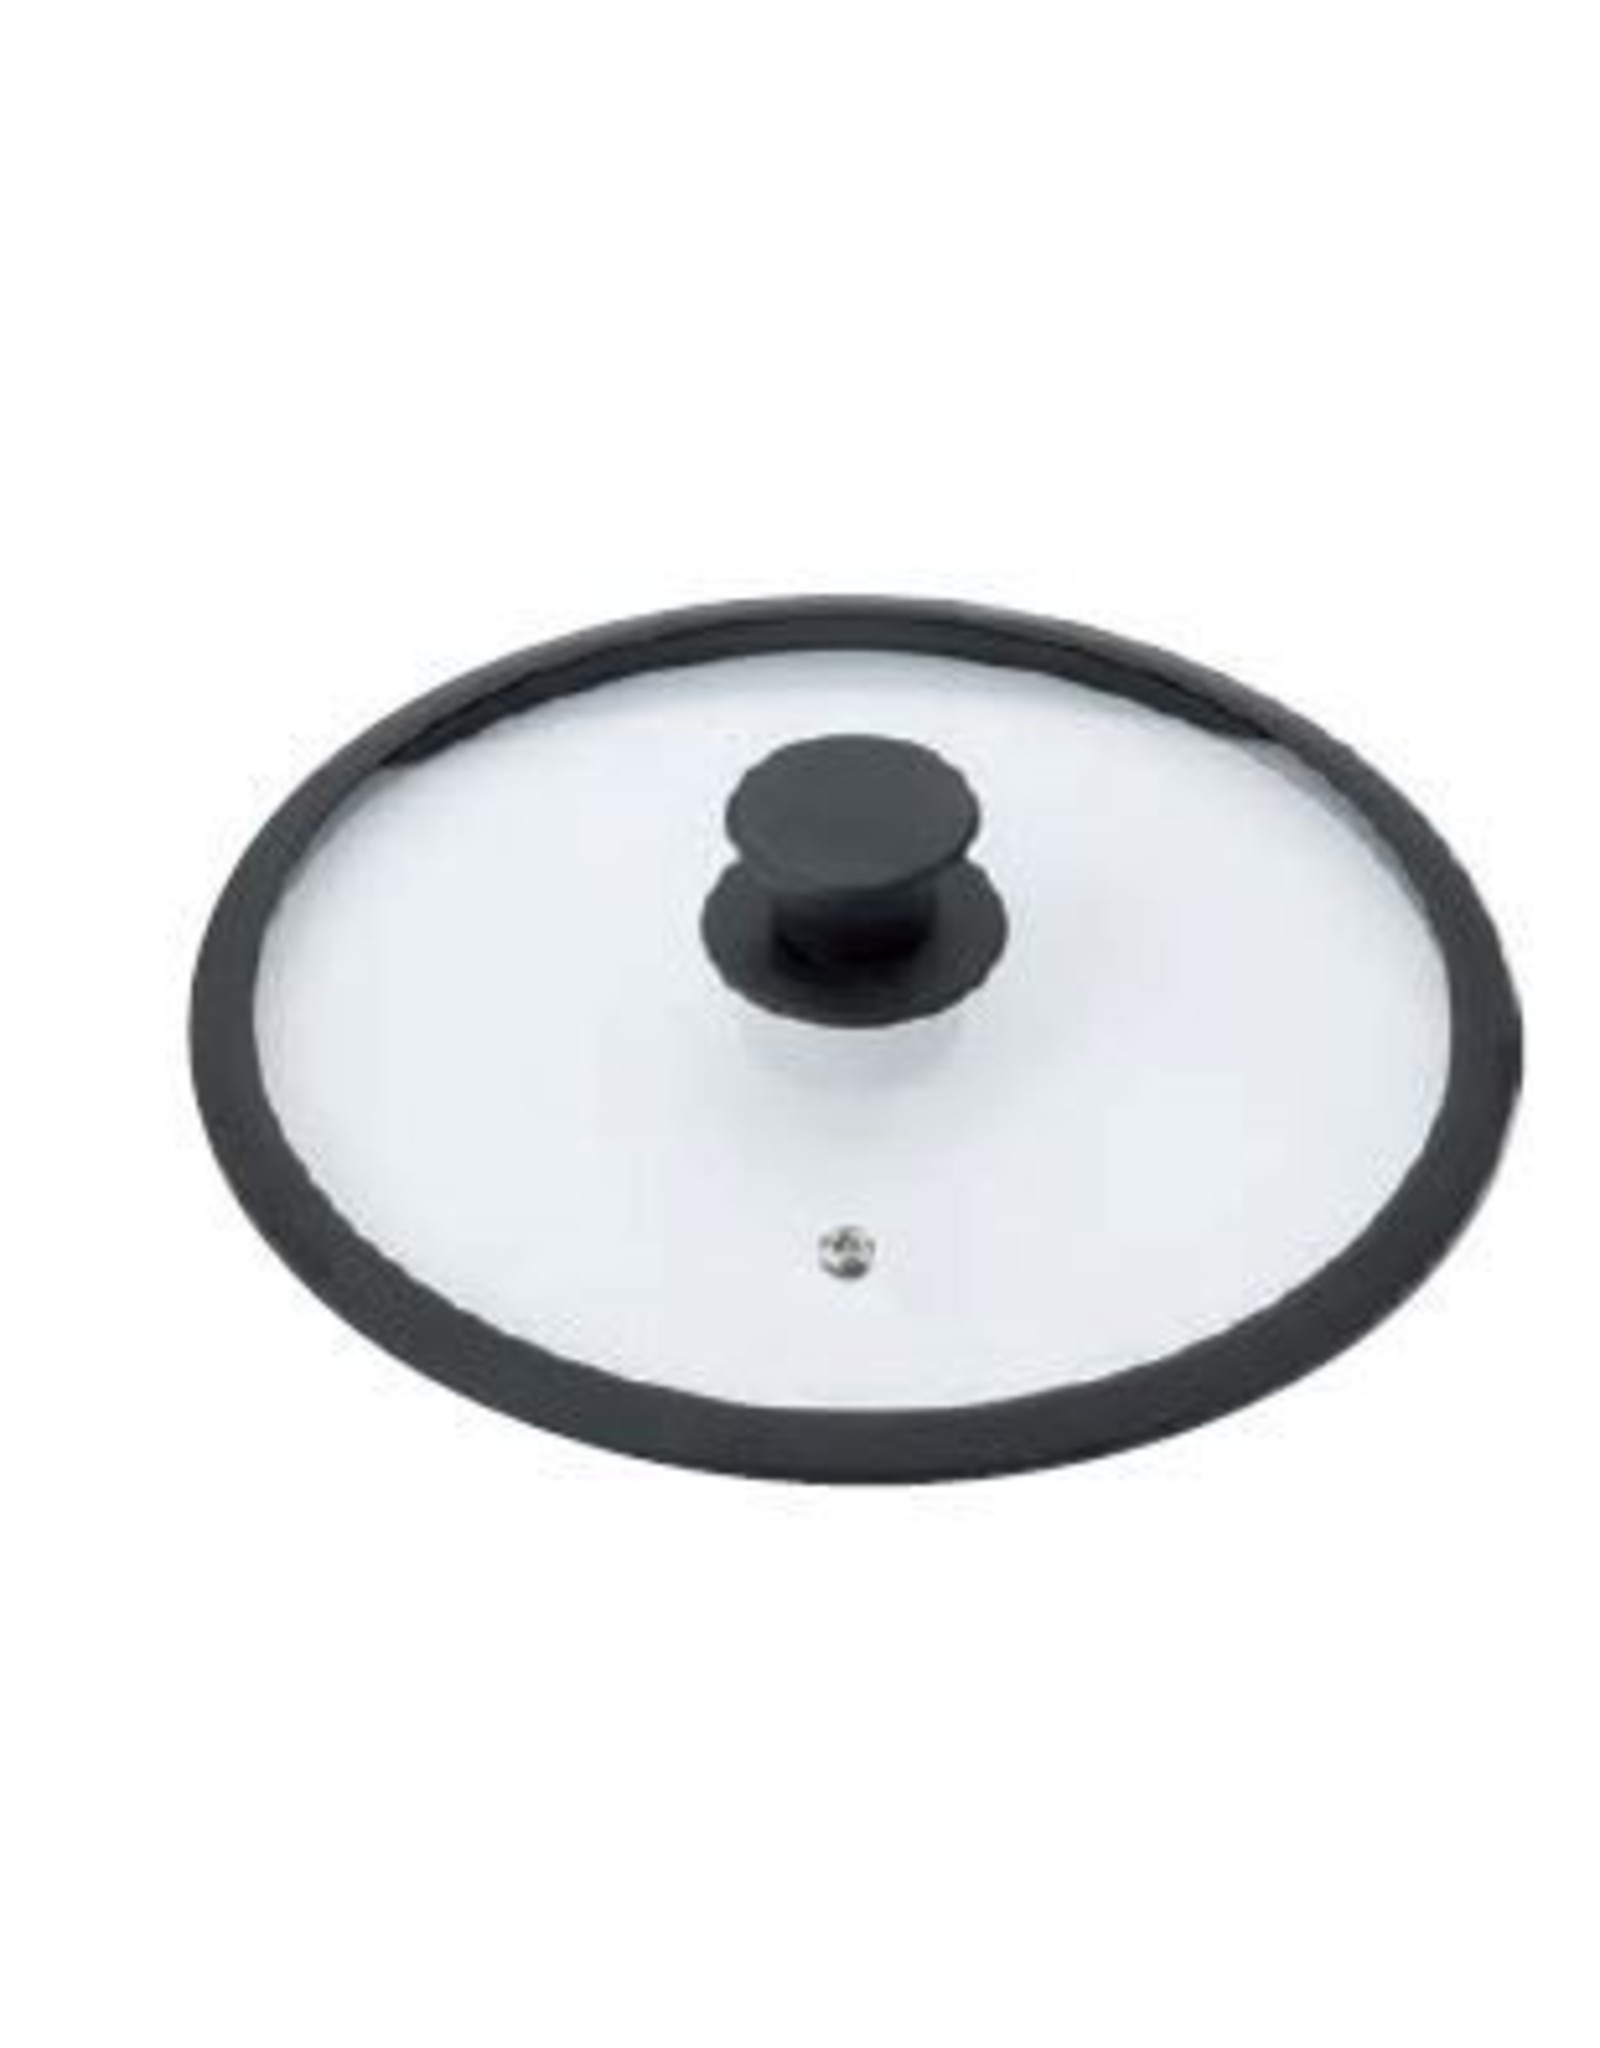 Braet Mooie 16 cm glasdeksel met siliconen rond voor steelpan.